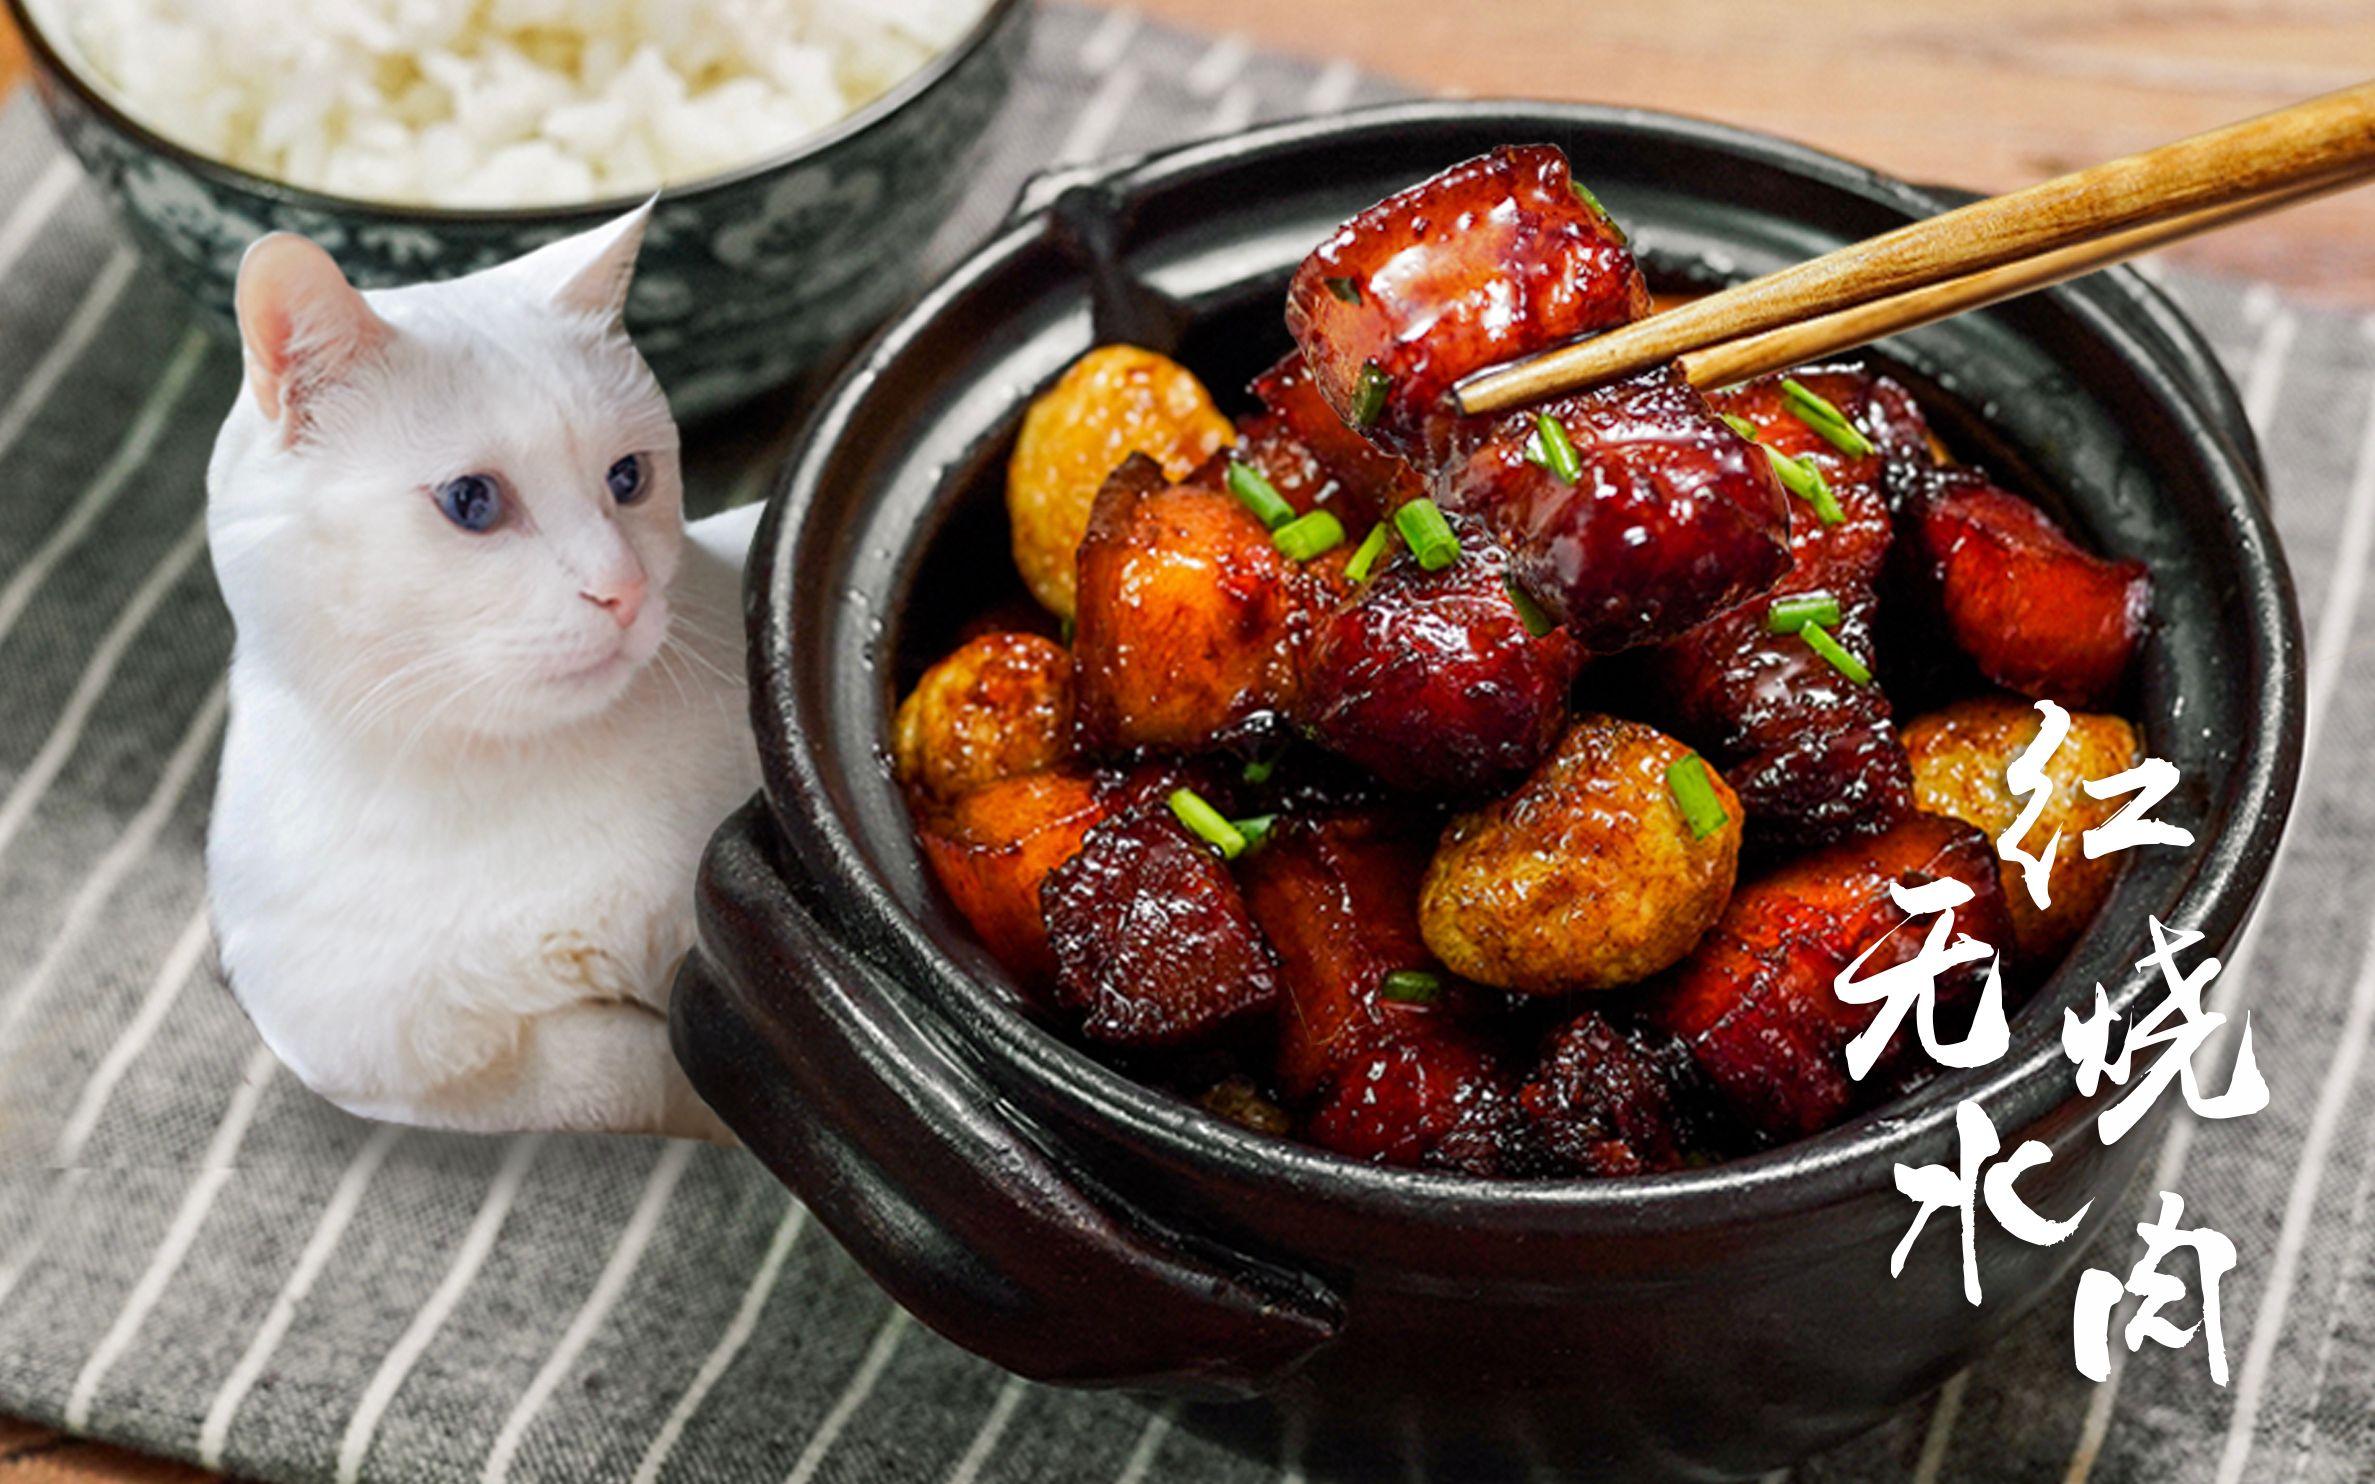 【日食記】最近吃不下飯,我怕是命里缺紅燒肉了( ̄O ̄;)_美食圈_生活_bilibili_嗶哩嗶哩